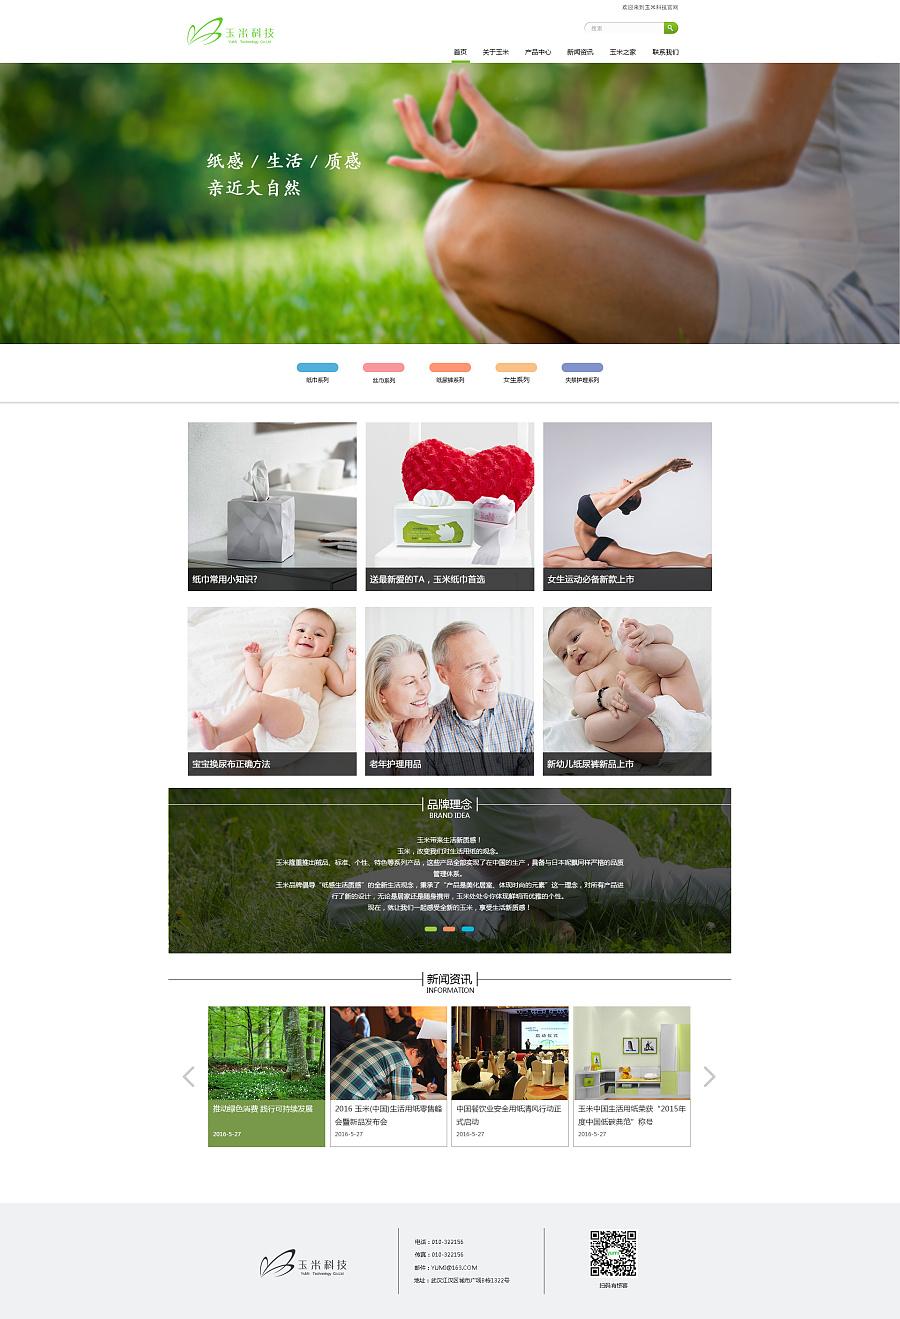 包装类网页 公司简介 产品中心 联系我们 新闻资讯 产品详情 一整套图片